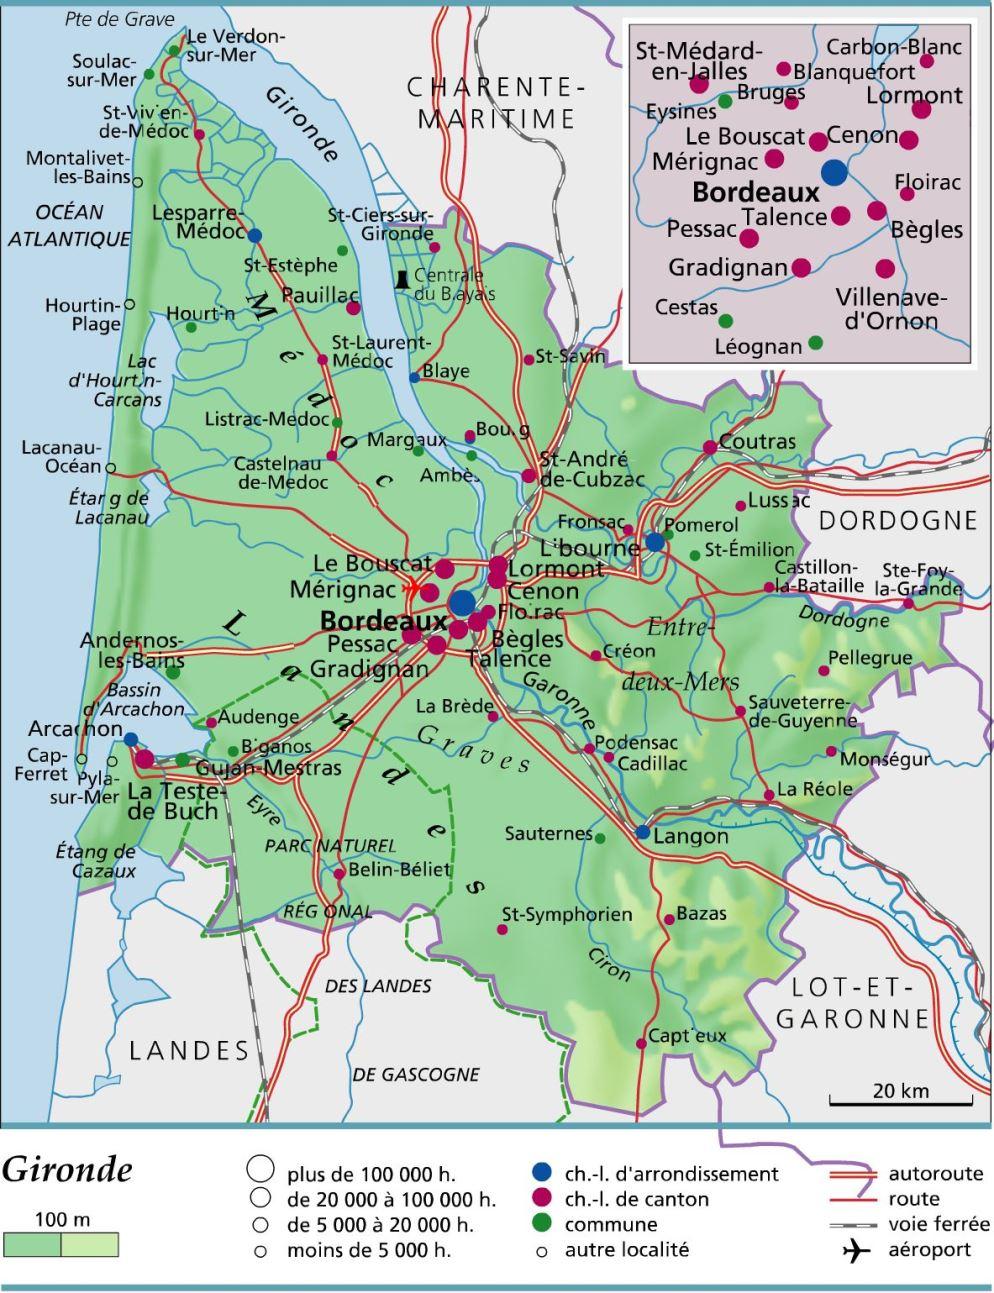 Gironde carte